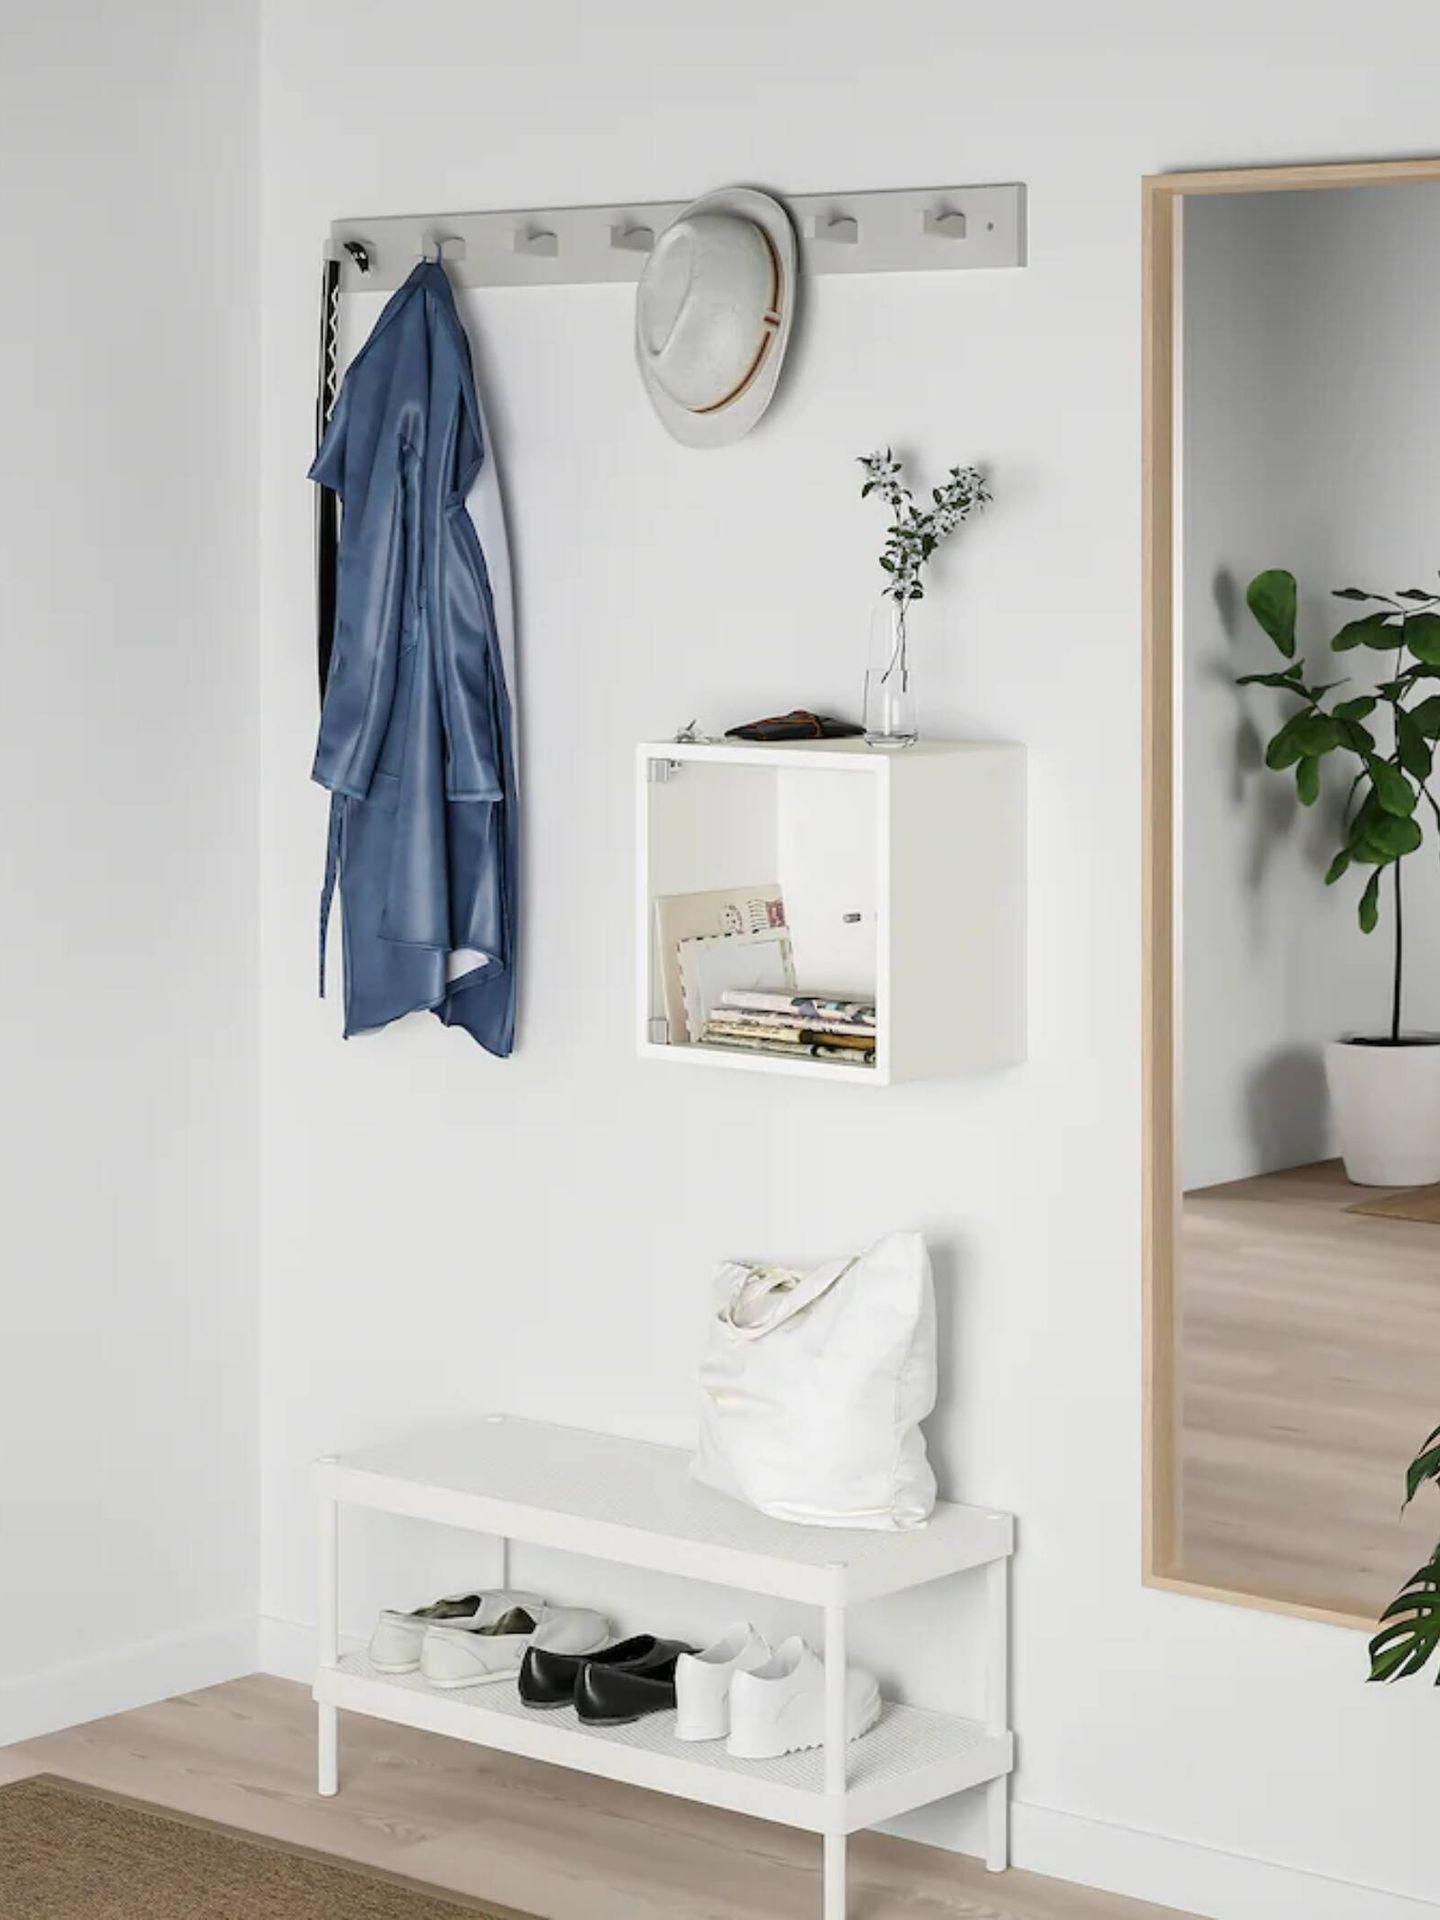 Ideas deco para personalizar el cubo superventas de Ikea. (Cortesía)